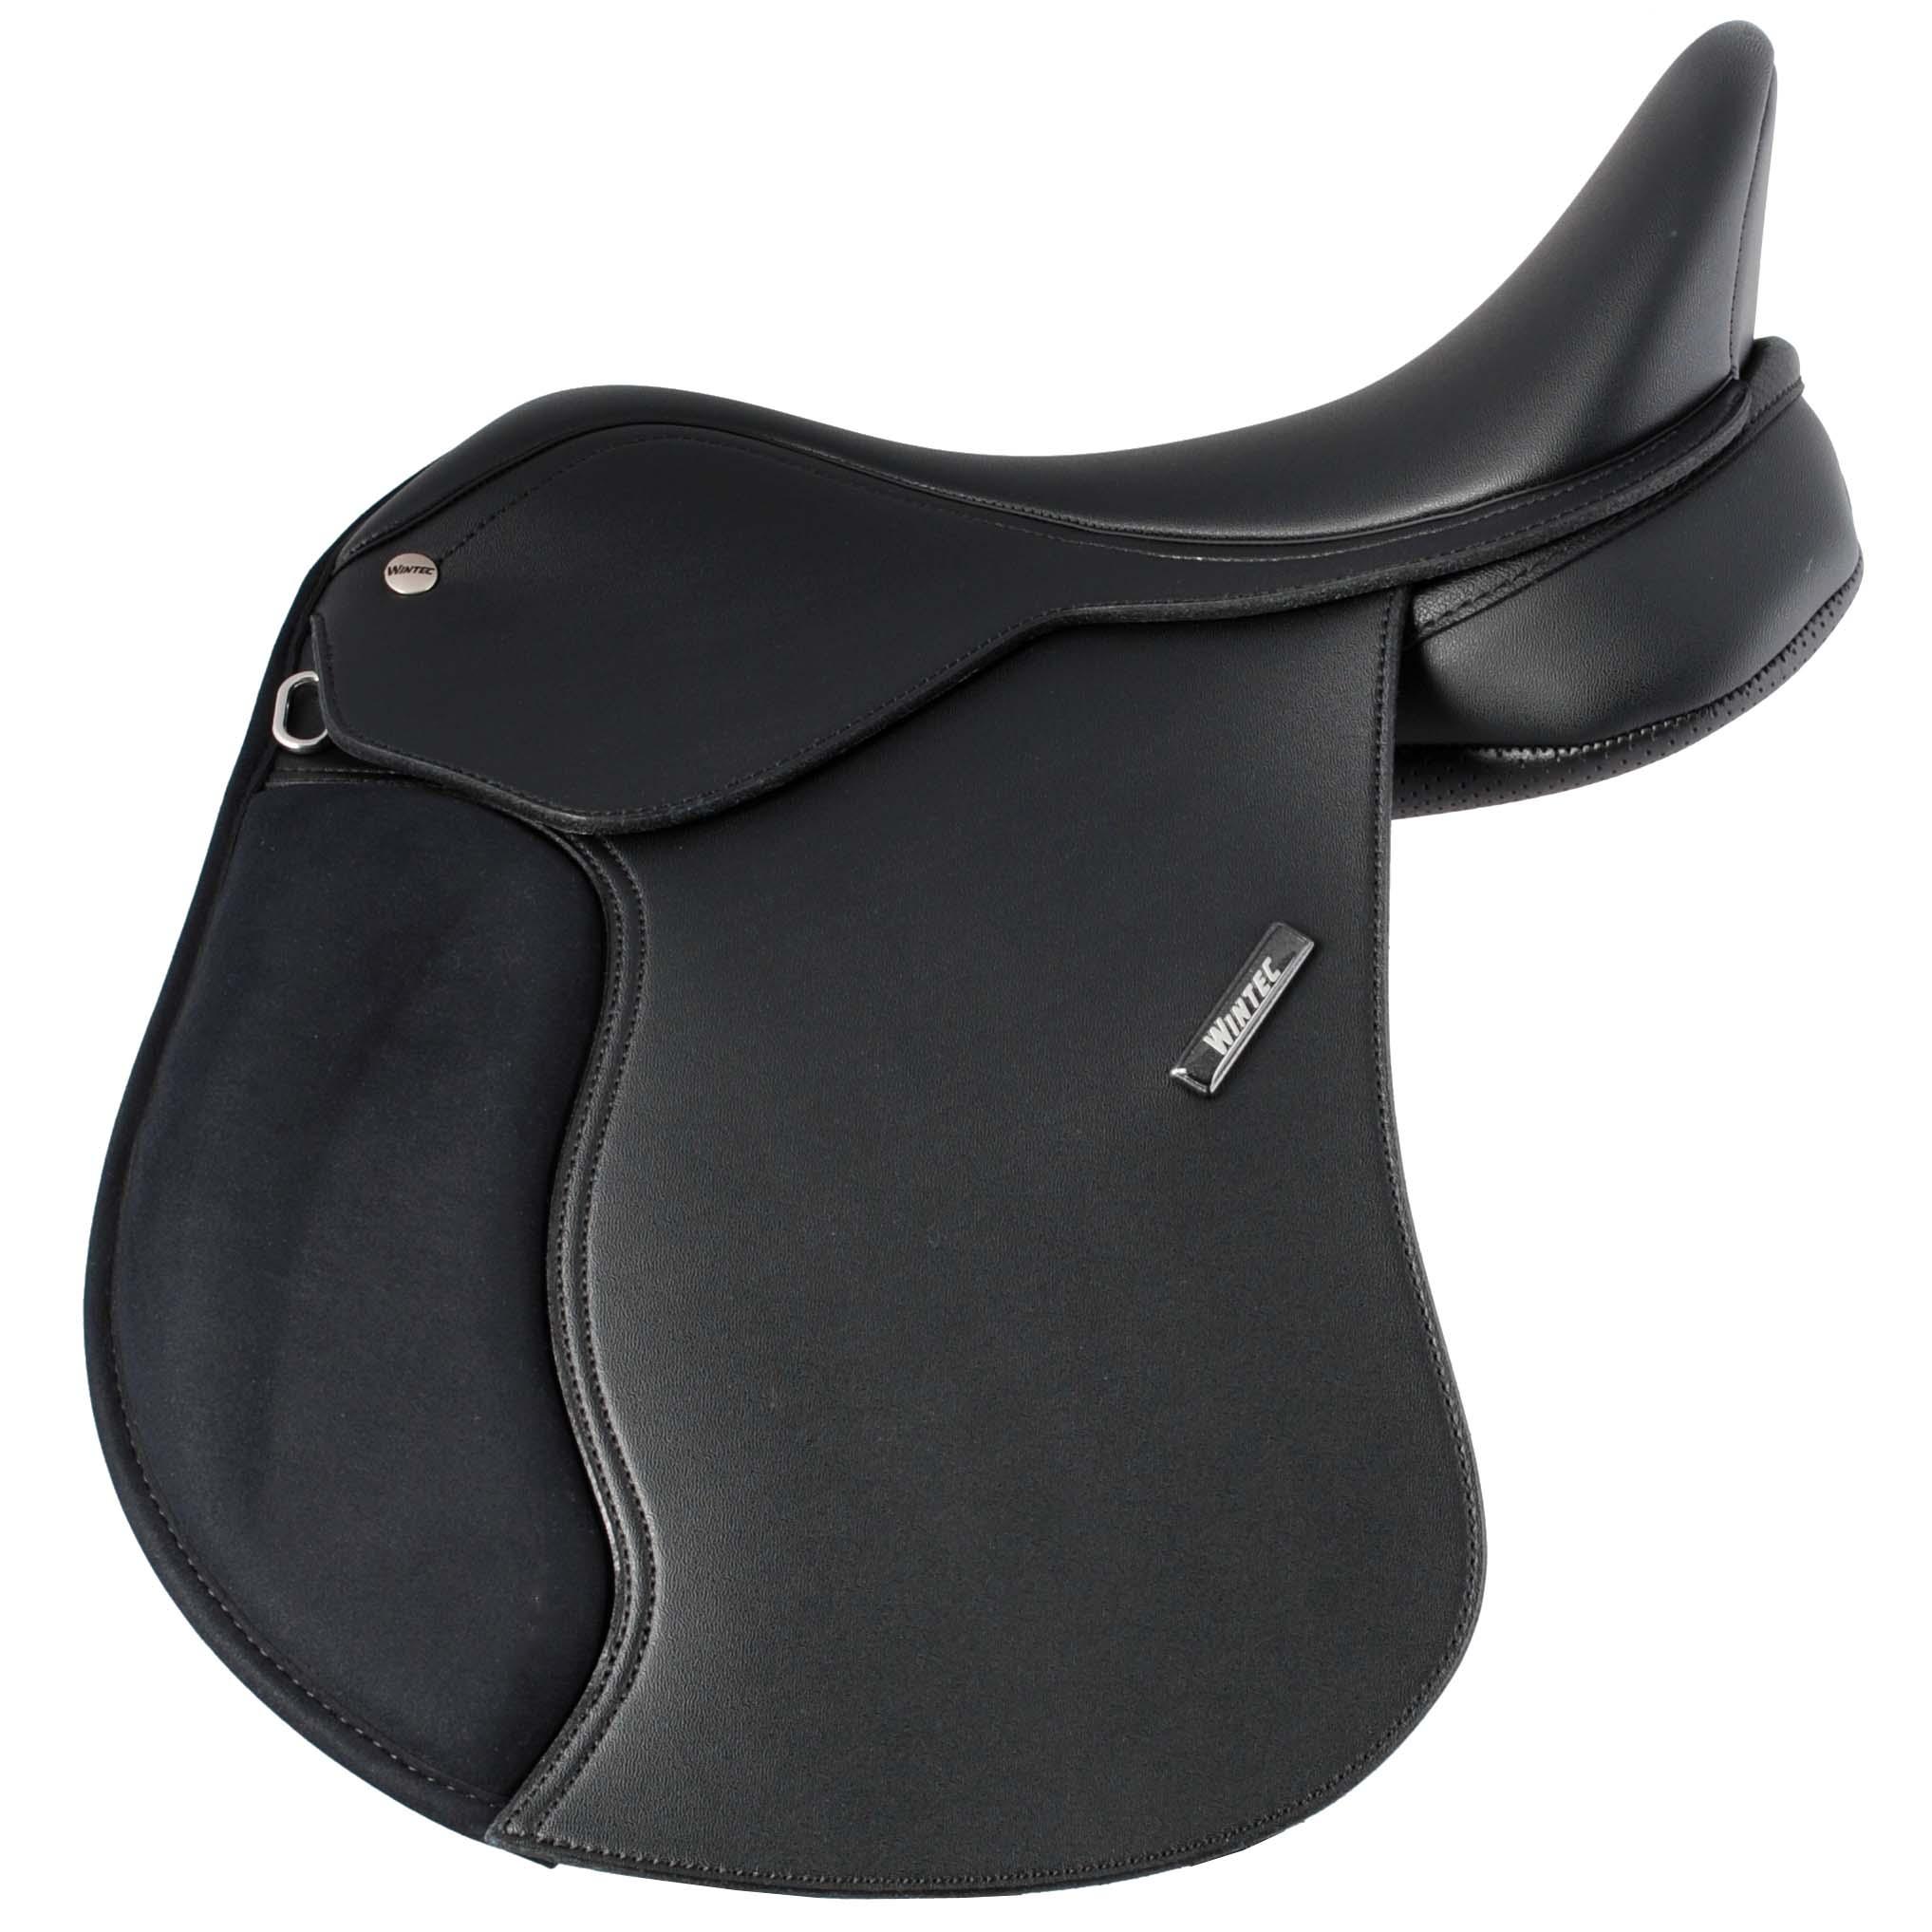 Wintec 500 Hart pony zadel zwart maat:15